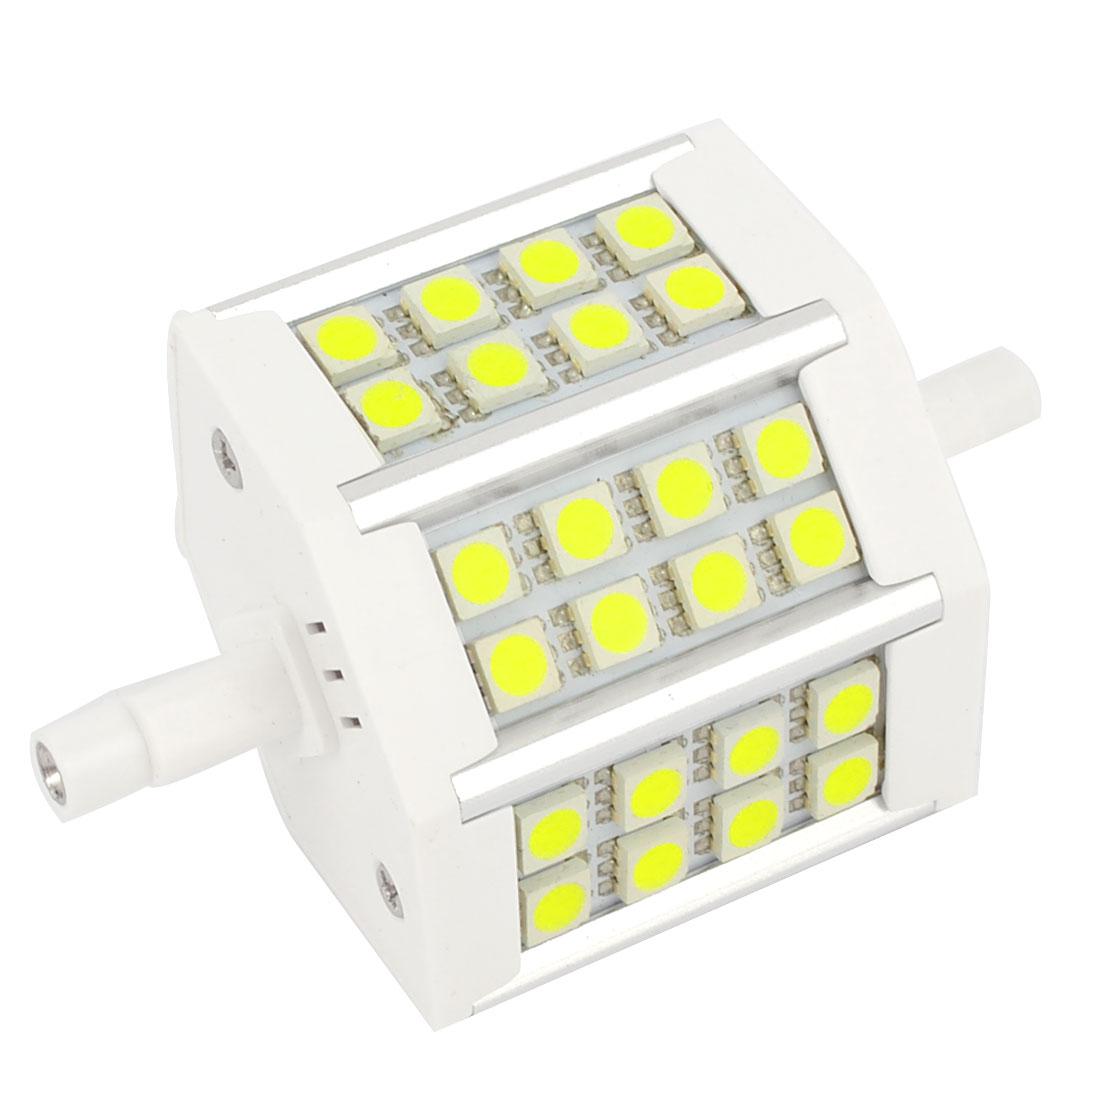 R7S AC85-265V 550LM 24 LEDs SMD 5050 White LED Corn Light Bulb